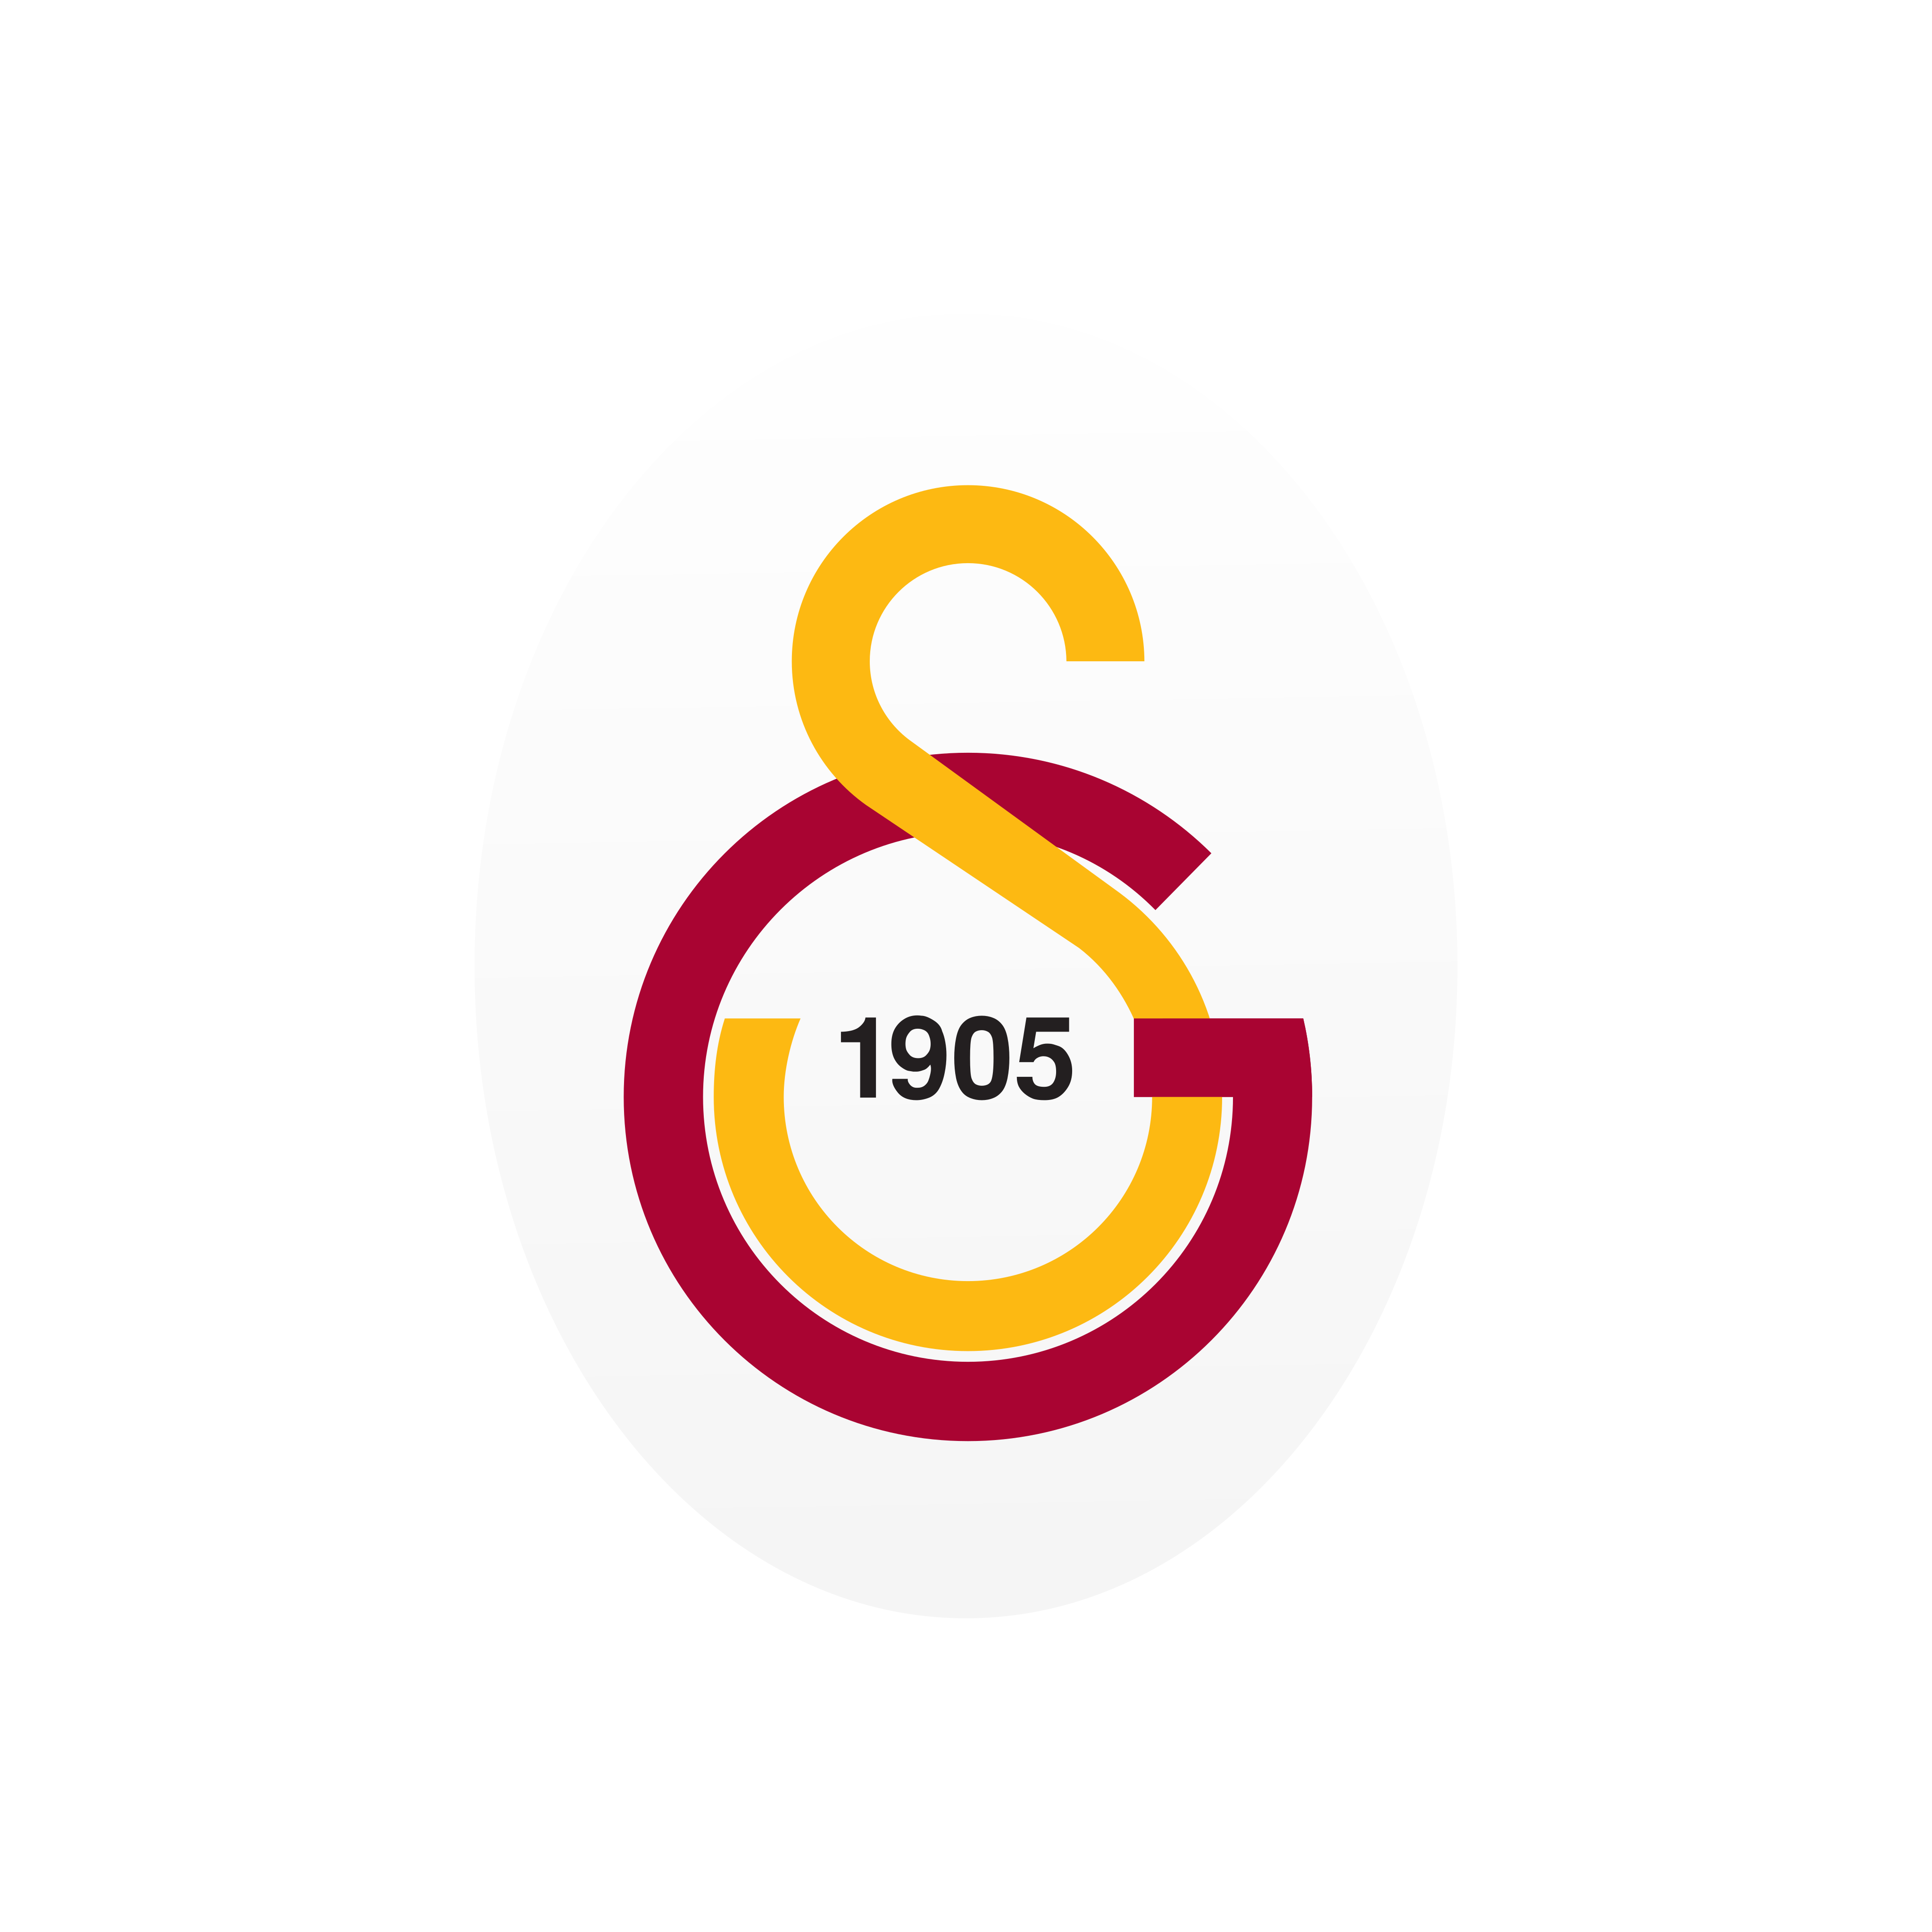 galatasaray logo 0 - Galatasaray SK Logo